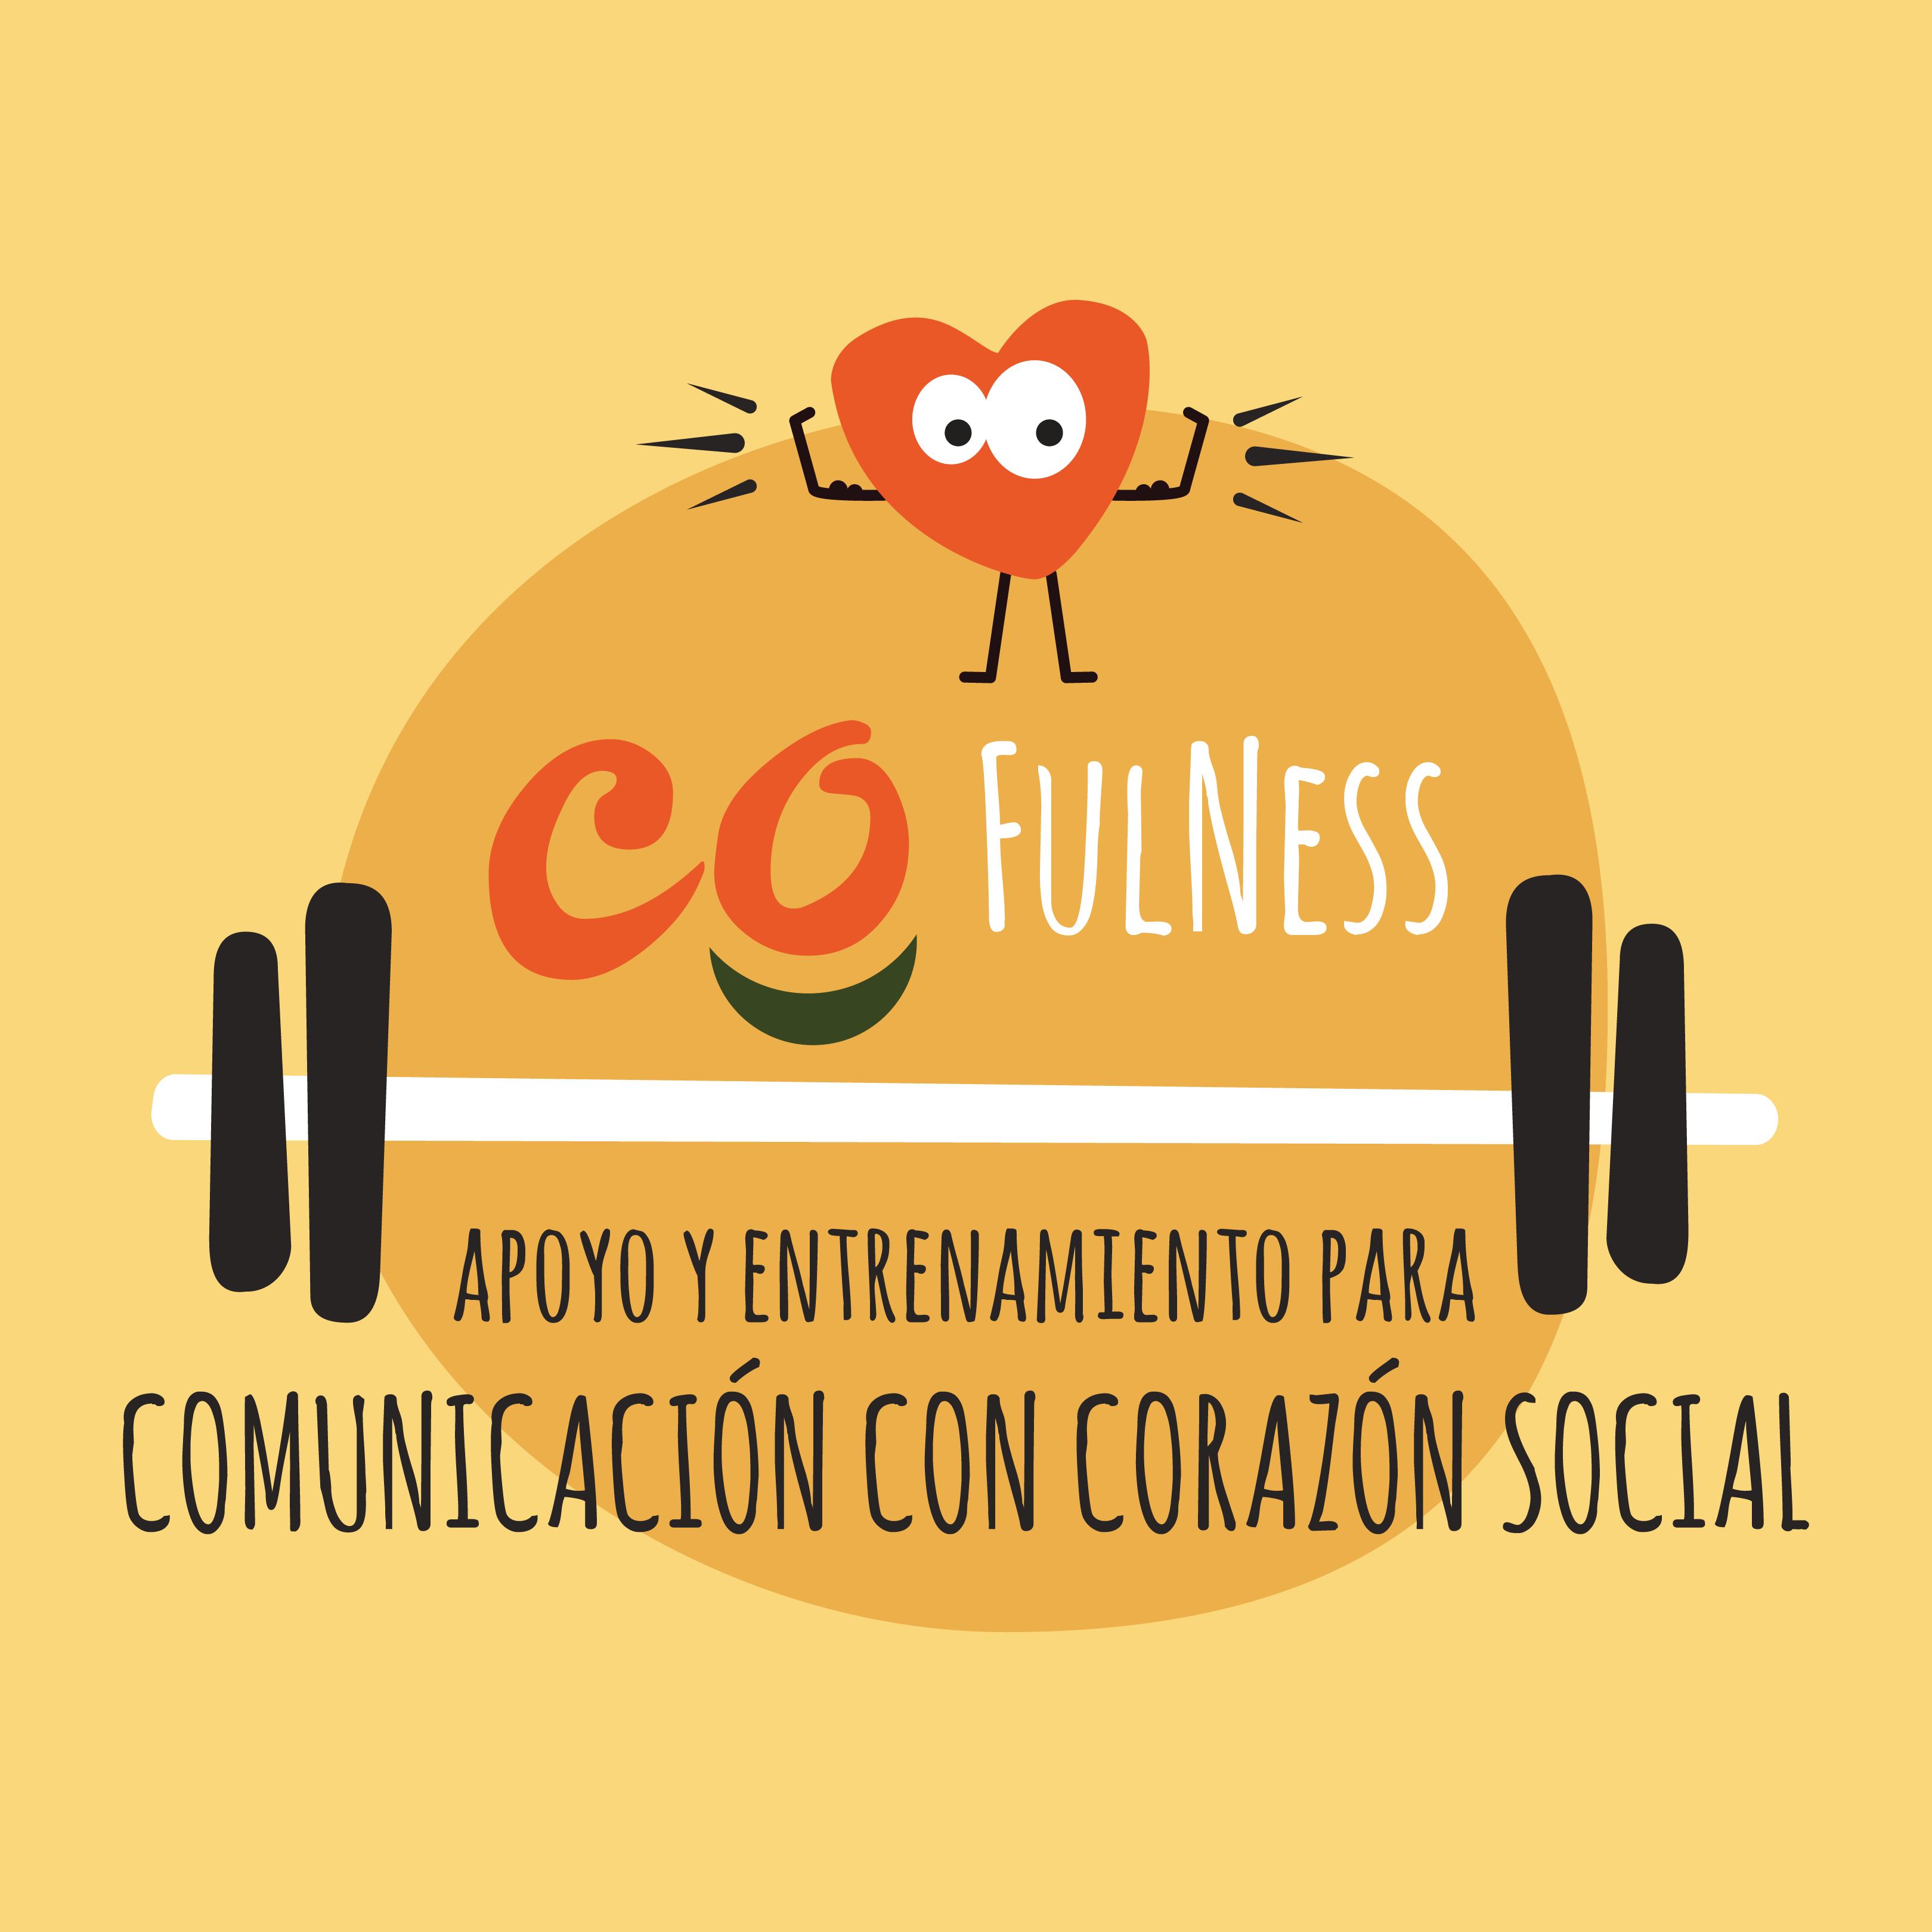 metodo cofulness programa de apoyo y entrenamiento especificamente diseñado para la comunicación con corazón social